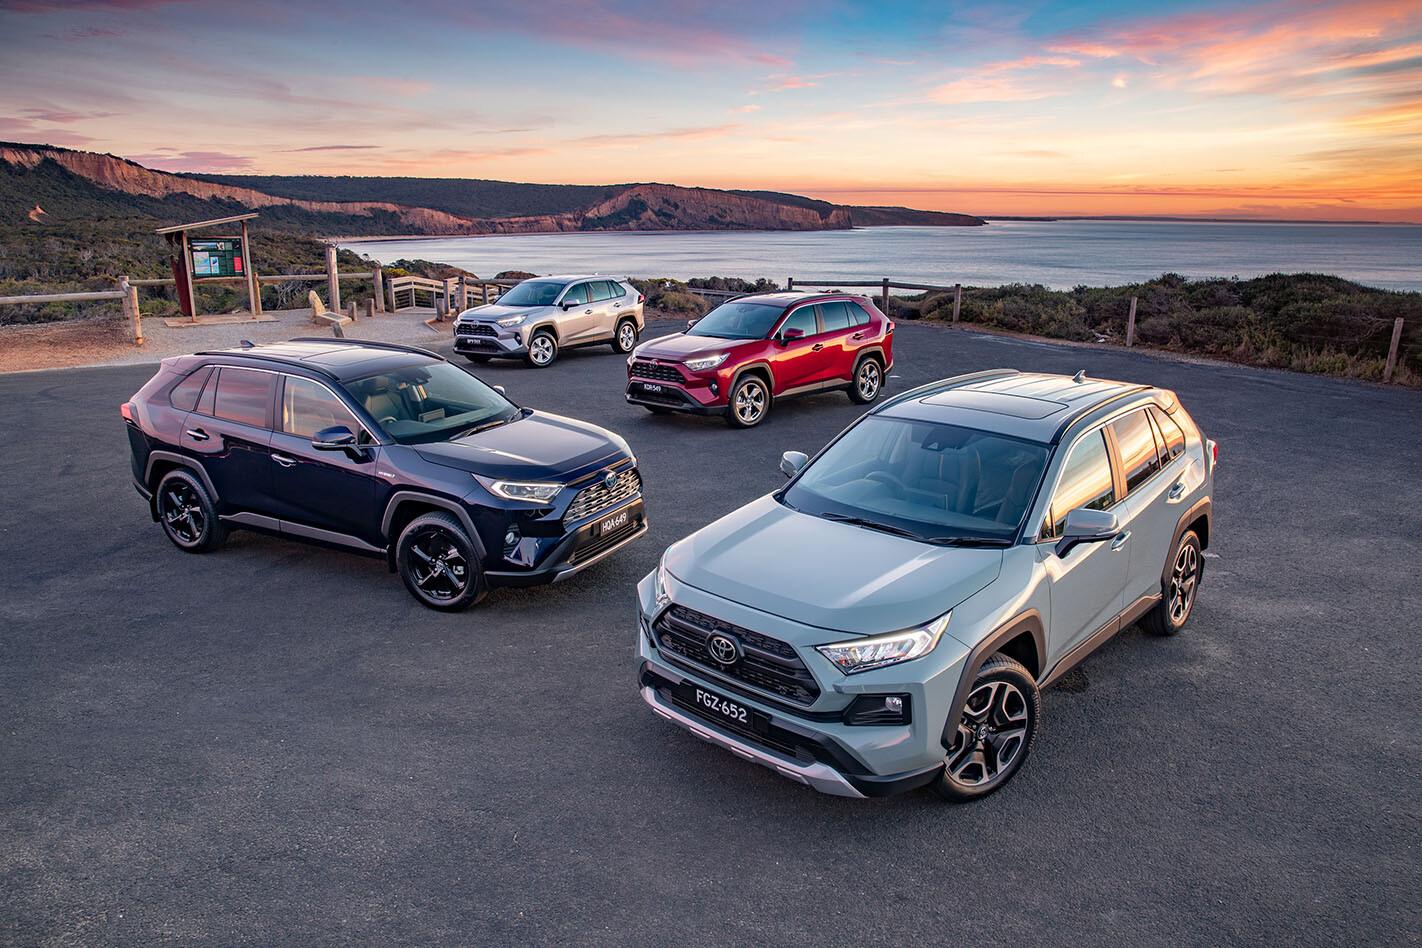 2019 Toyota Rav 4 Range 02 Hr Web Jpg